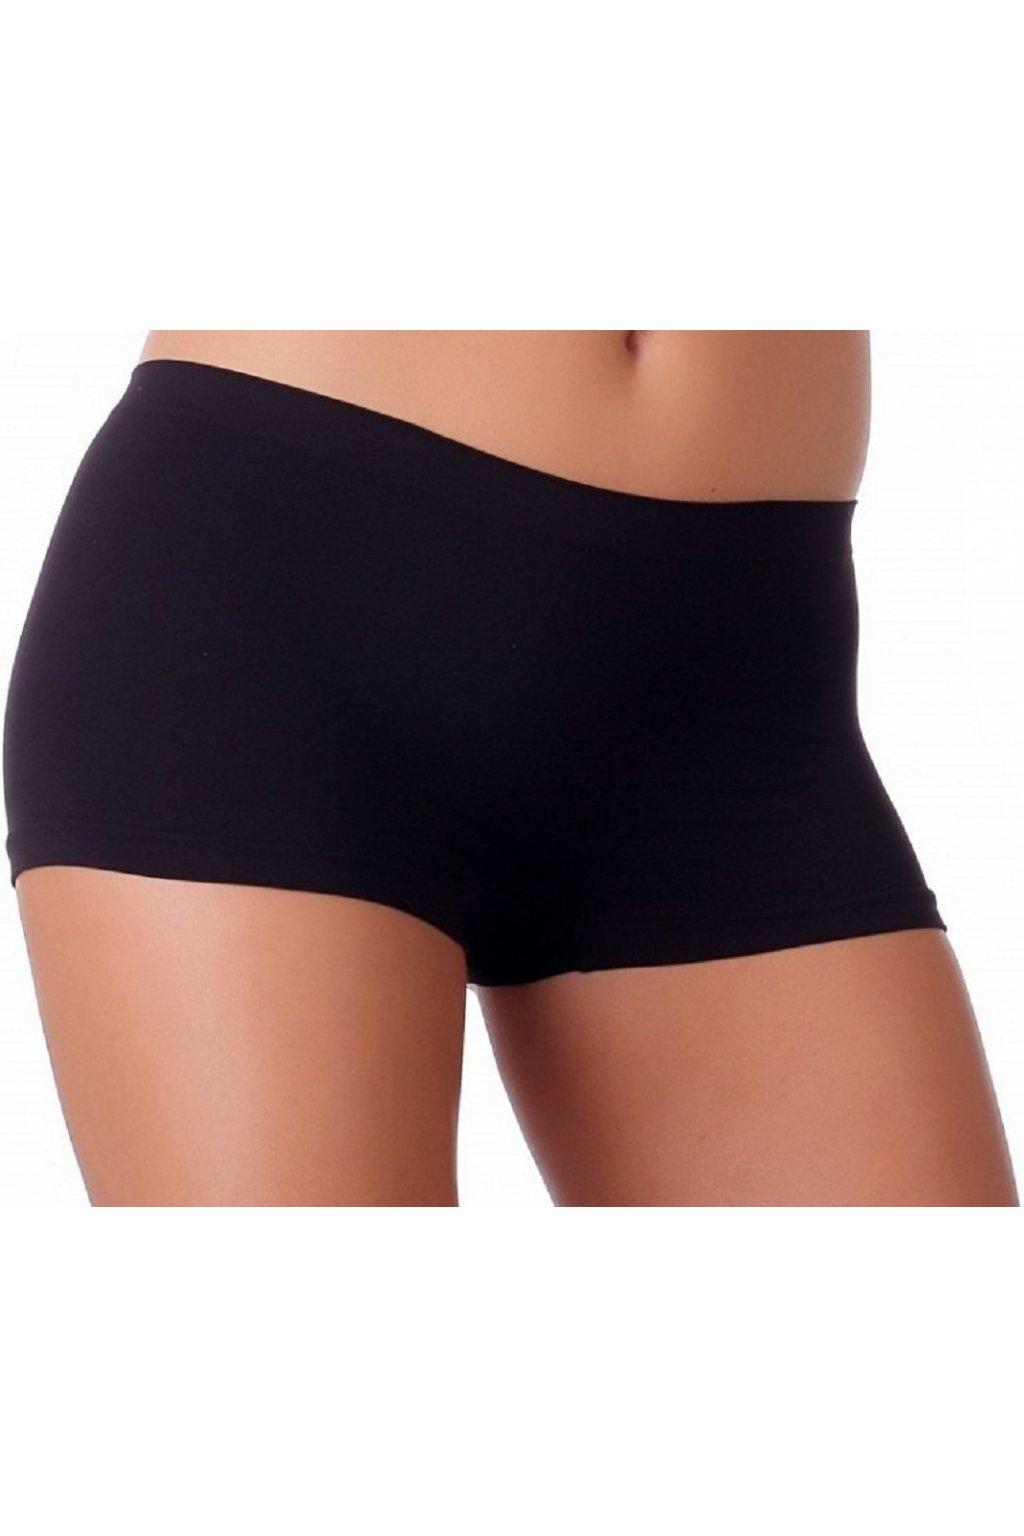 Dámské kalhotky Lovelygirl 5717 černá